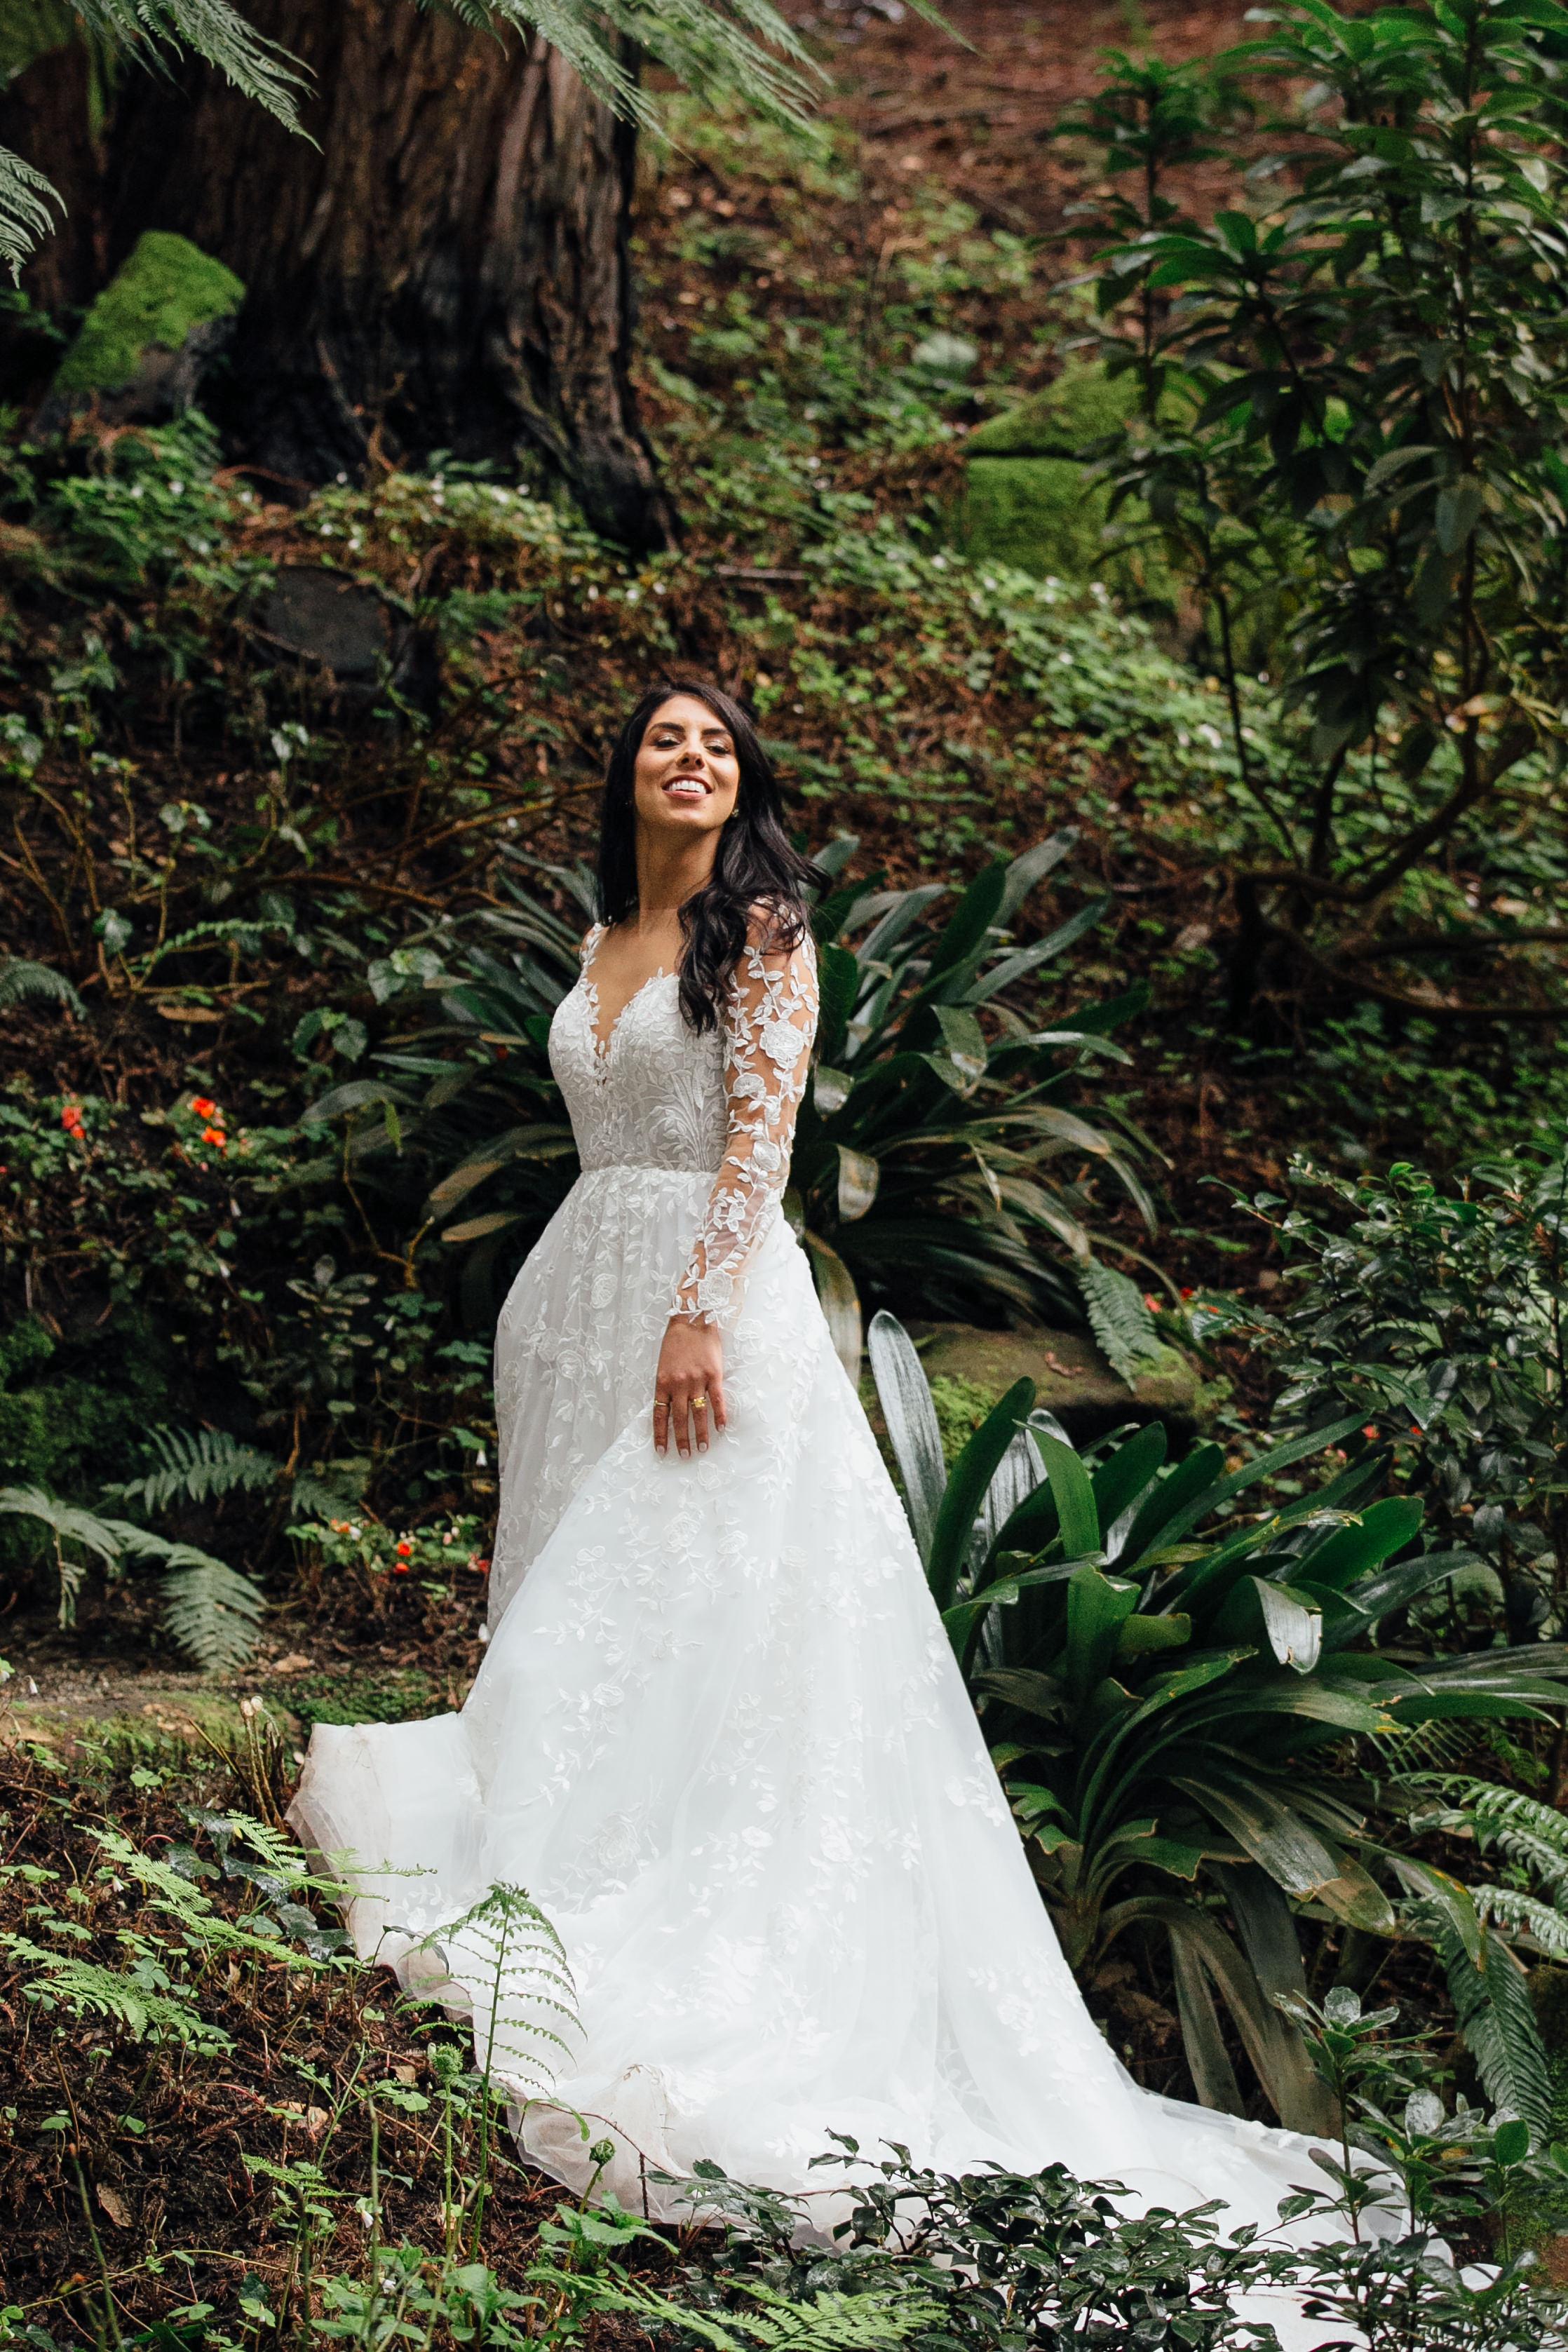 Wedding_T&A_SneakPeek_58.jpg